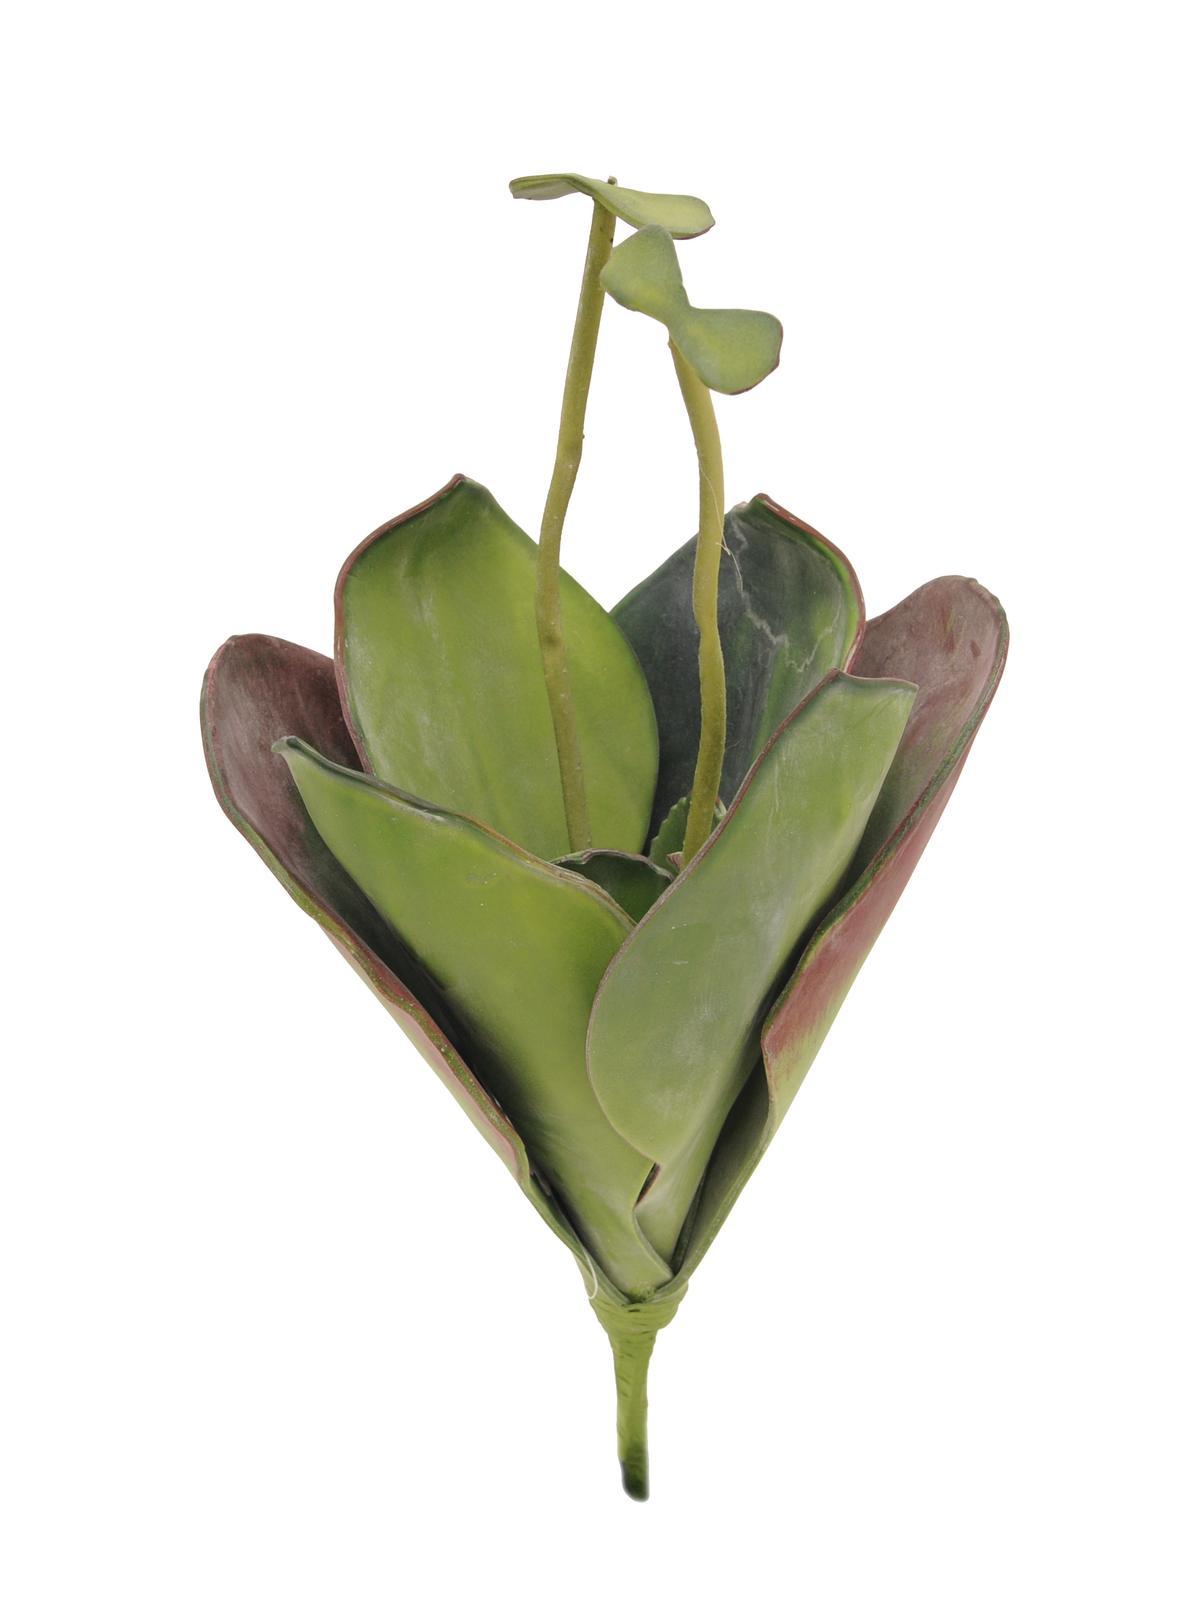 Leknín zelený, zavřený, 45 cm